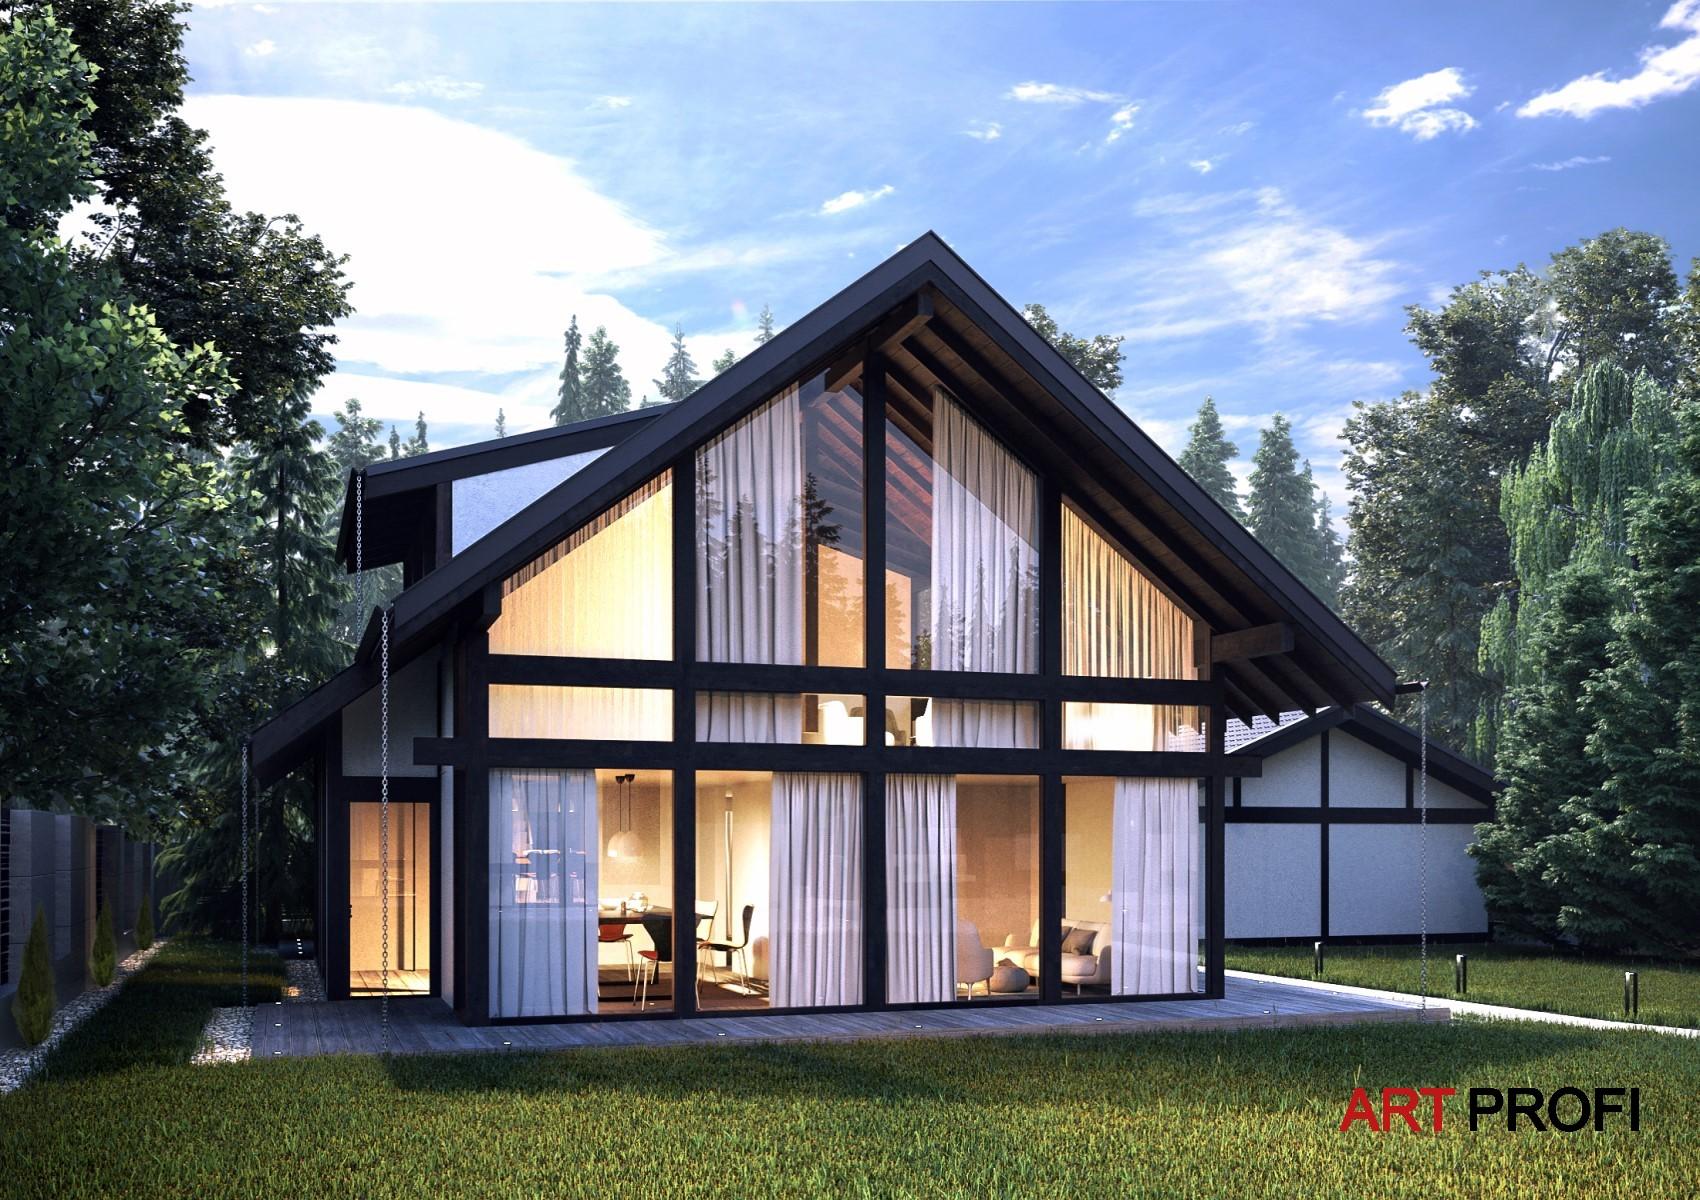 Проекты домов и коттеджей. Дом в стиле фахверк.